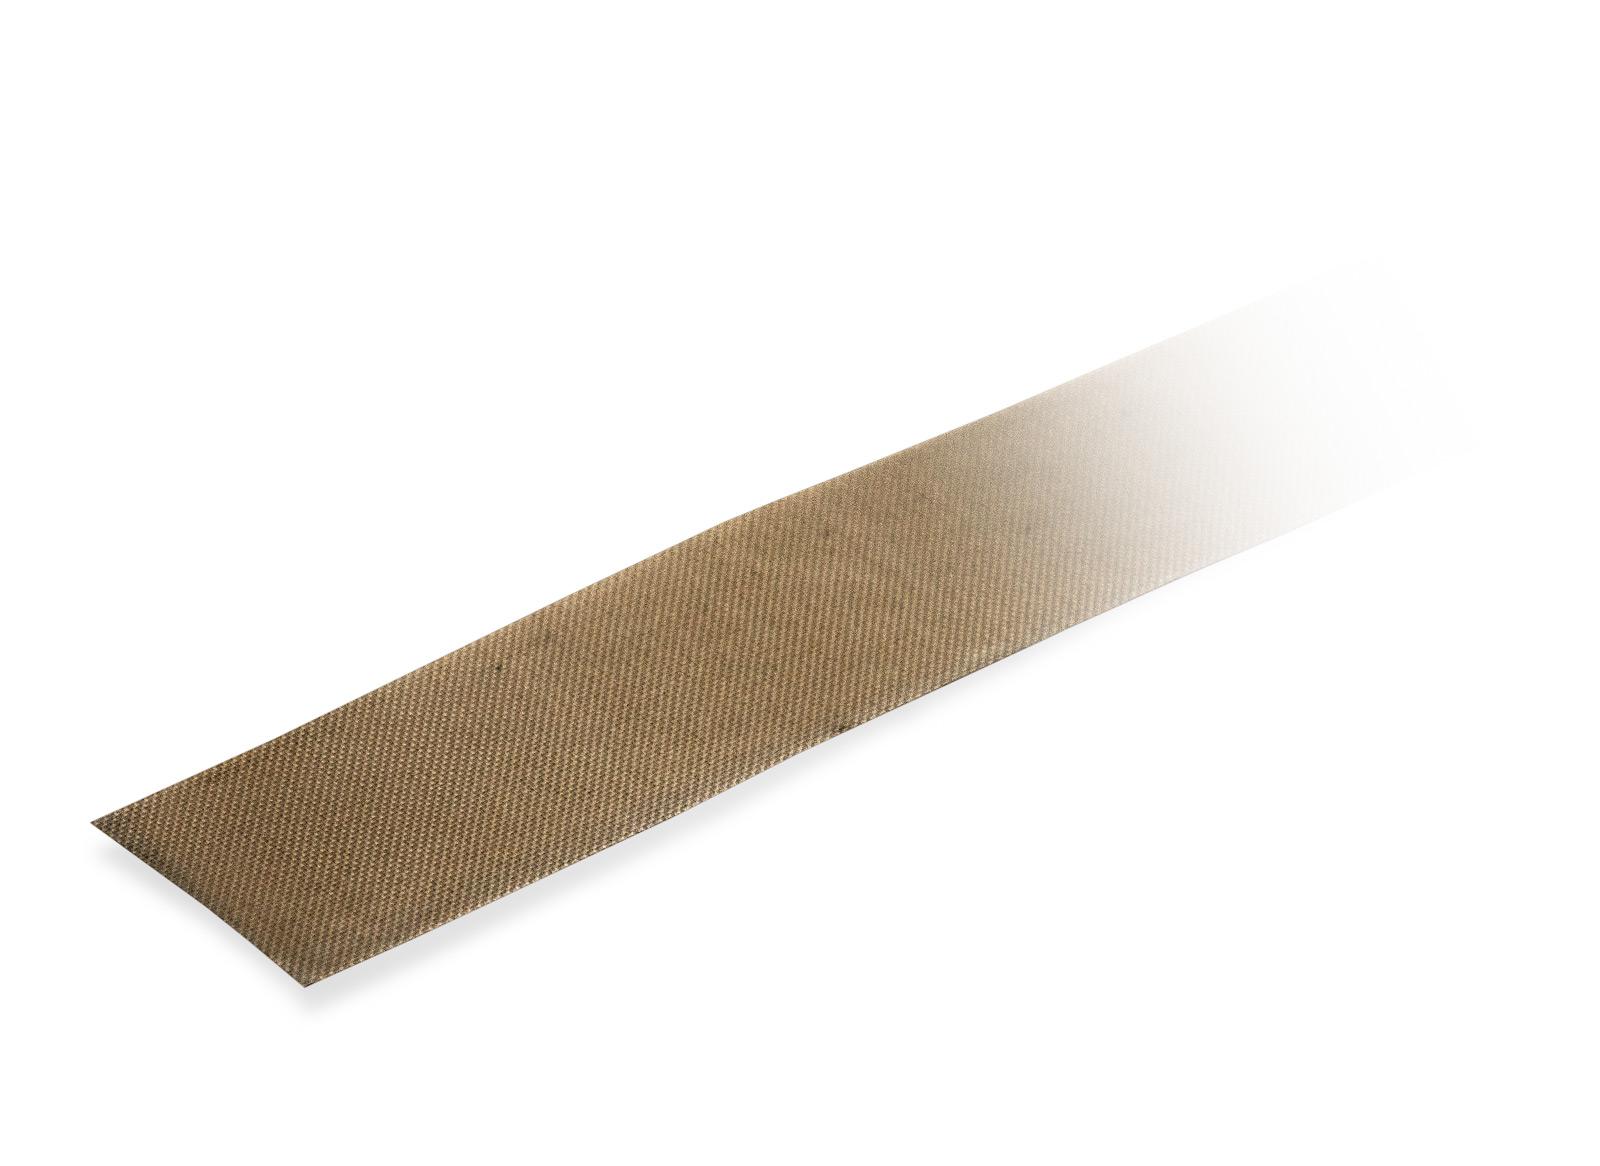 Tepluodolná páska teflonovaná pro svářečku fólií FRN-800 80cm